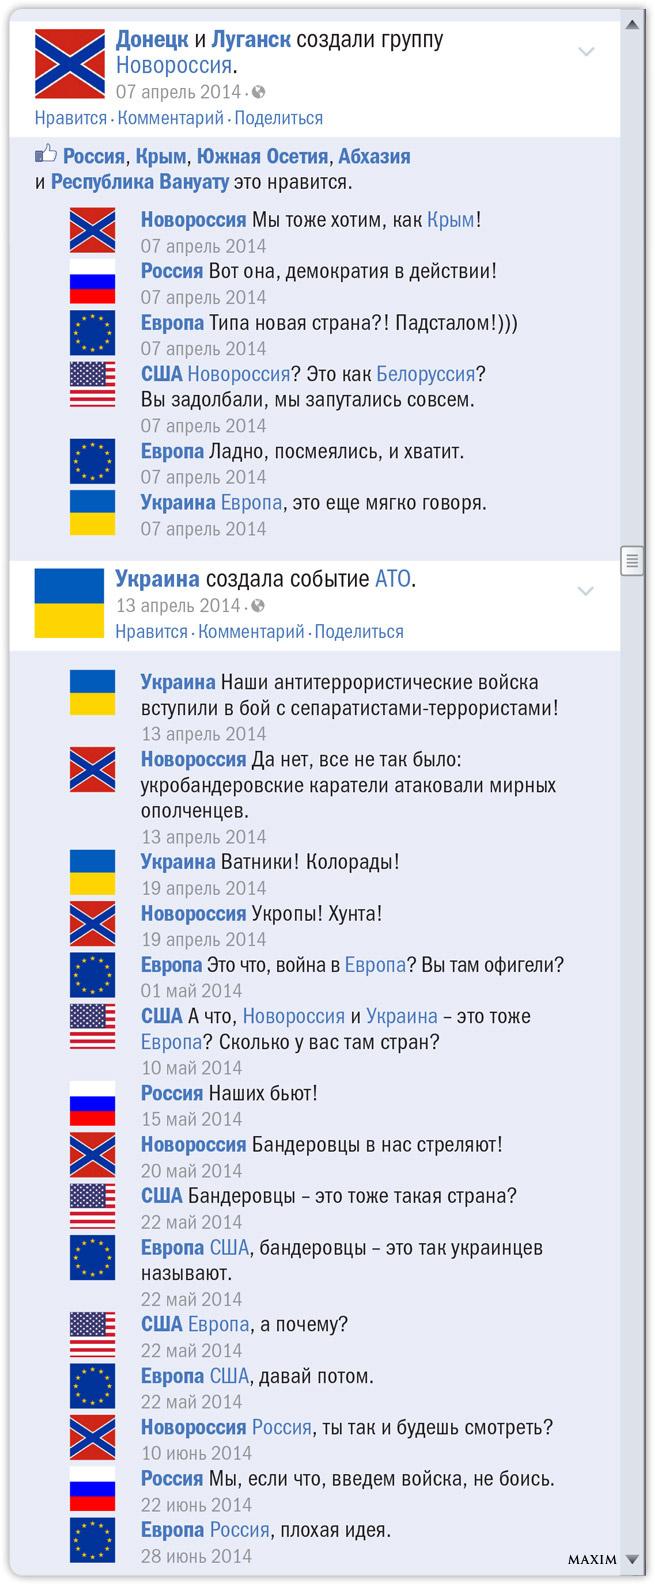 прикольные картинки и видеоролики 1413478629_rossiya-i-uraina-perepiska-facebook-6